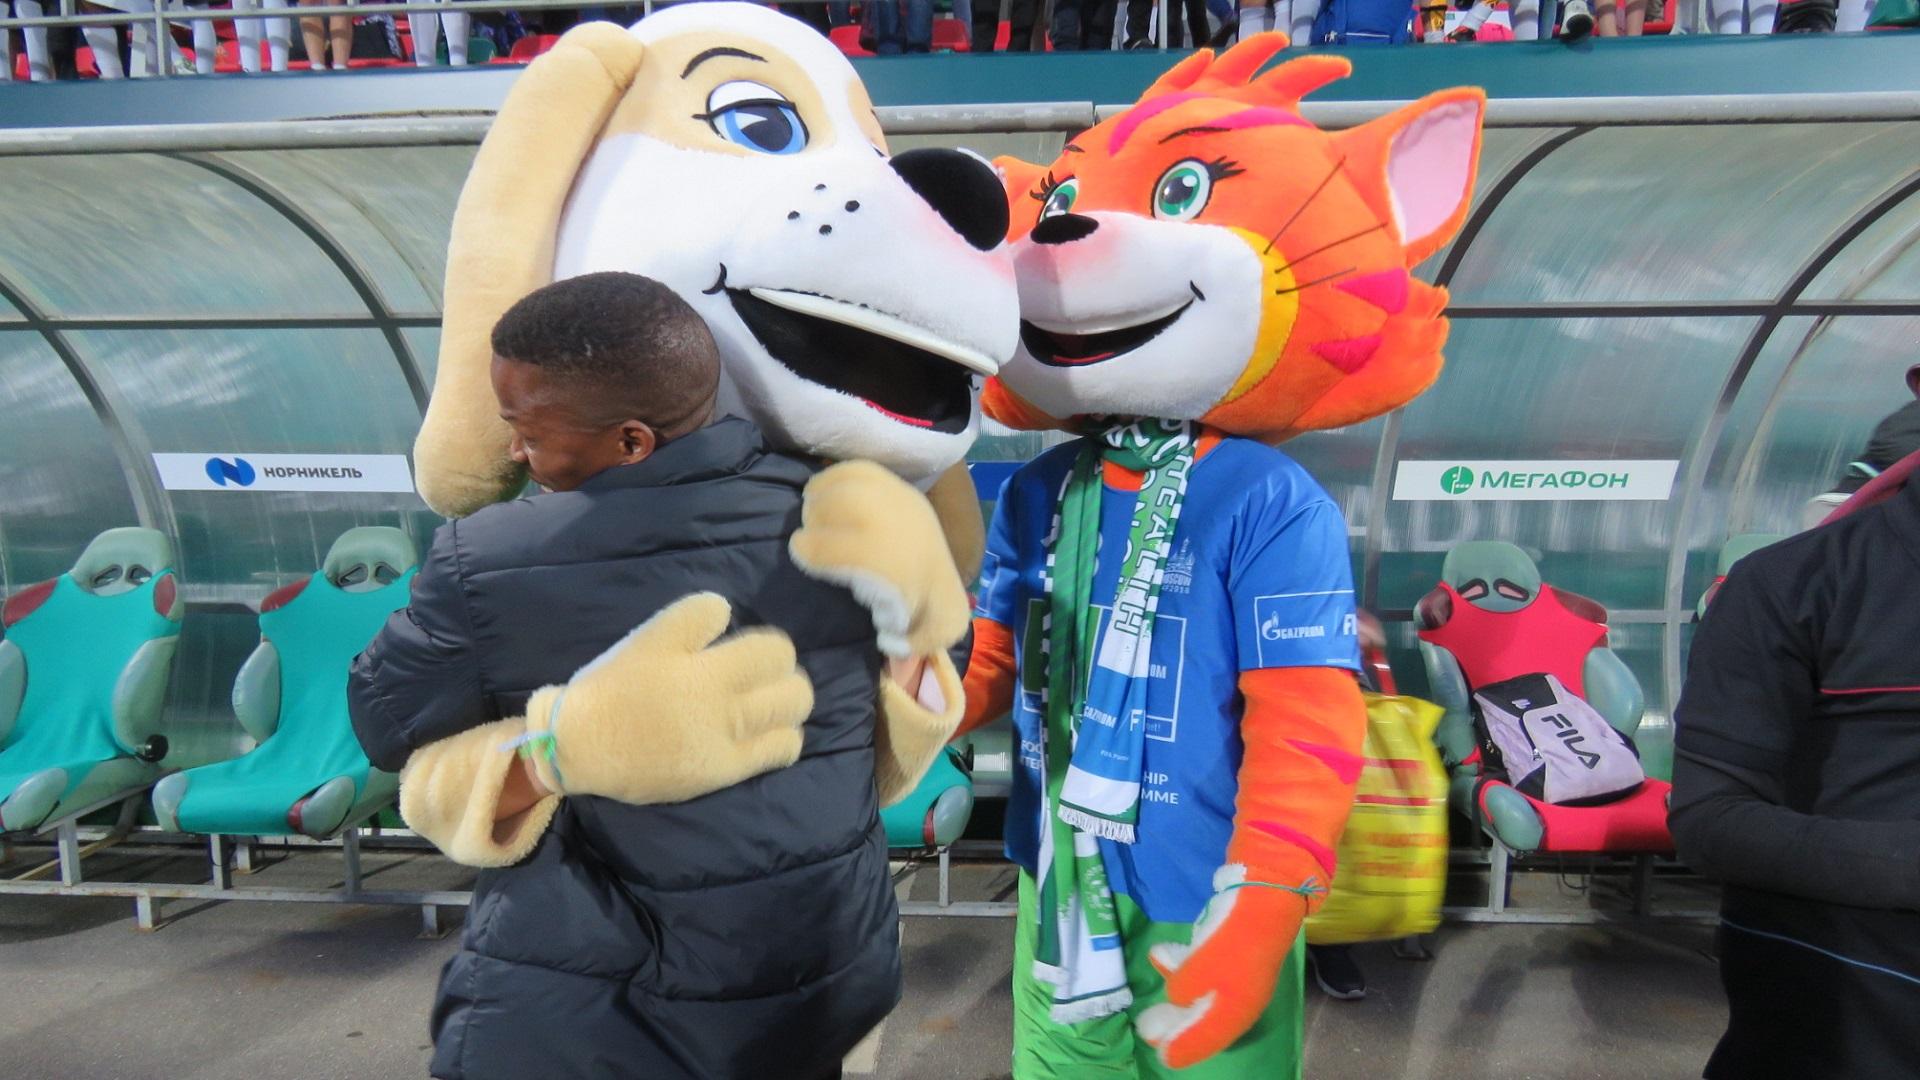 Young Bafana's coach Veron higs a mascot in Russia